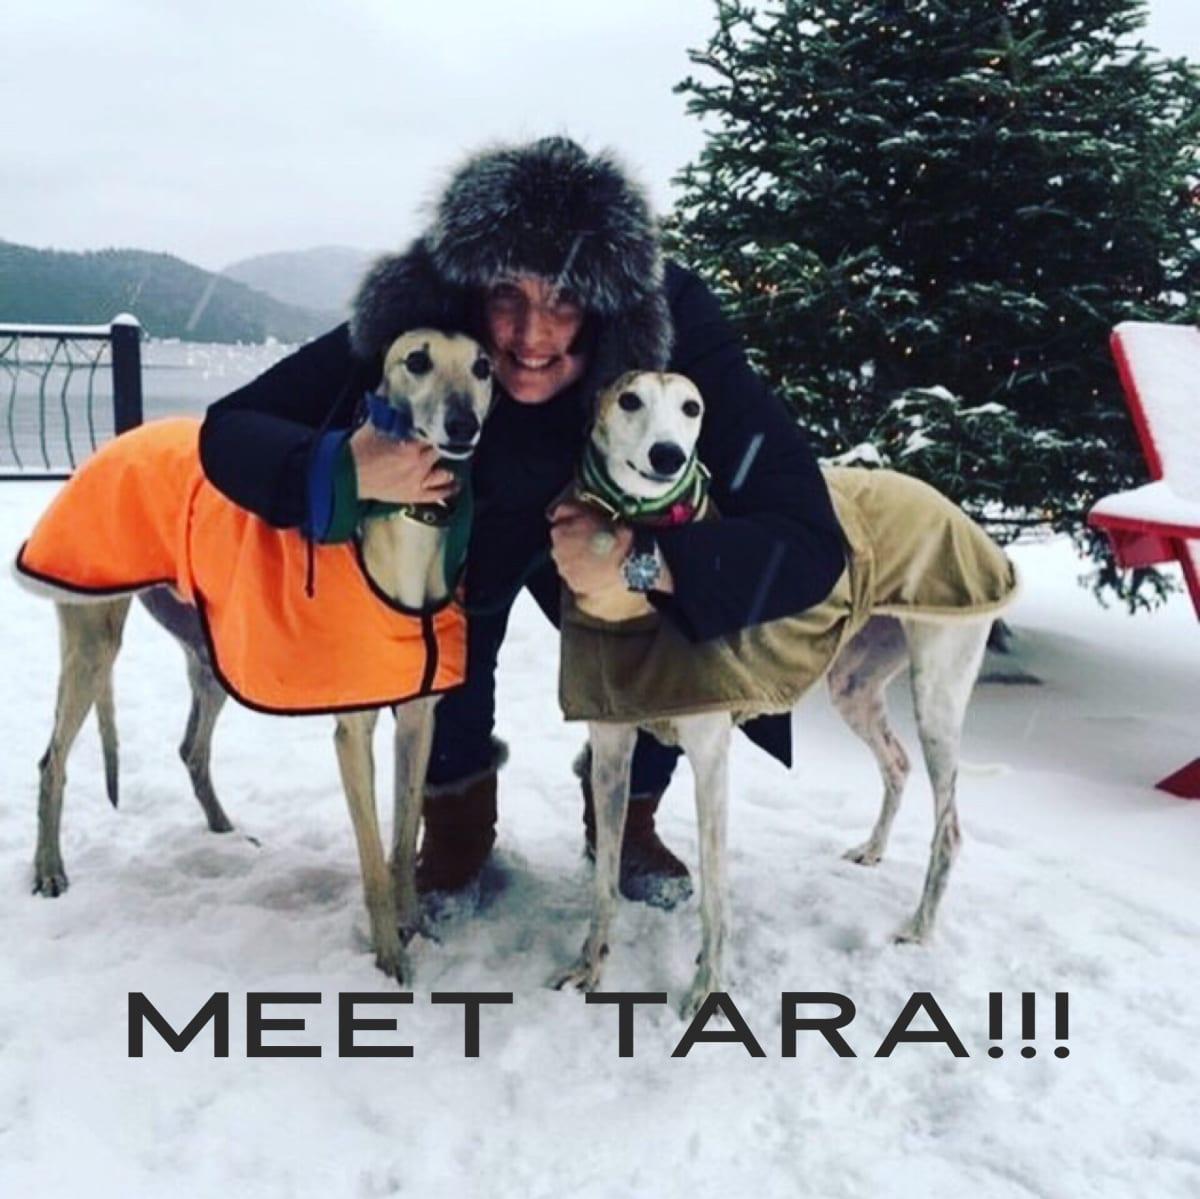 MEET TARA!